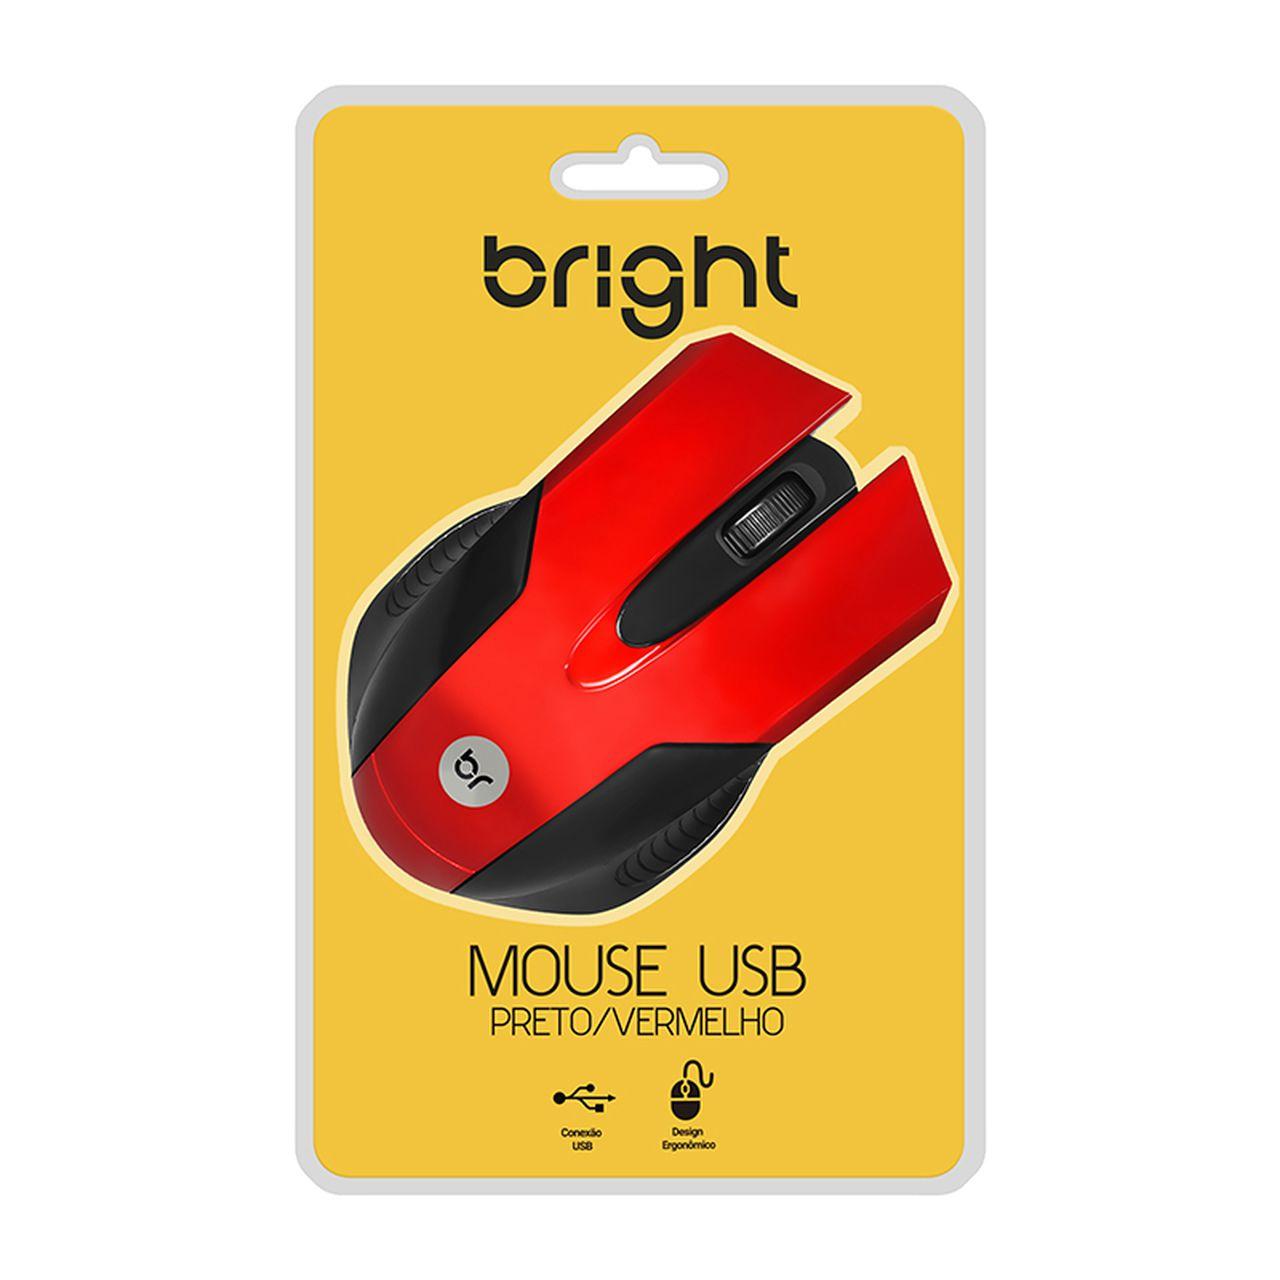 Mouse USB Vermelho com design ergonômico 2210 - Bright